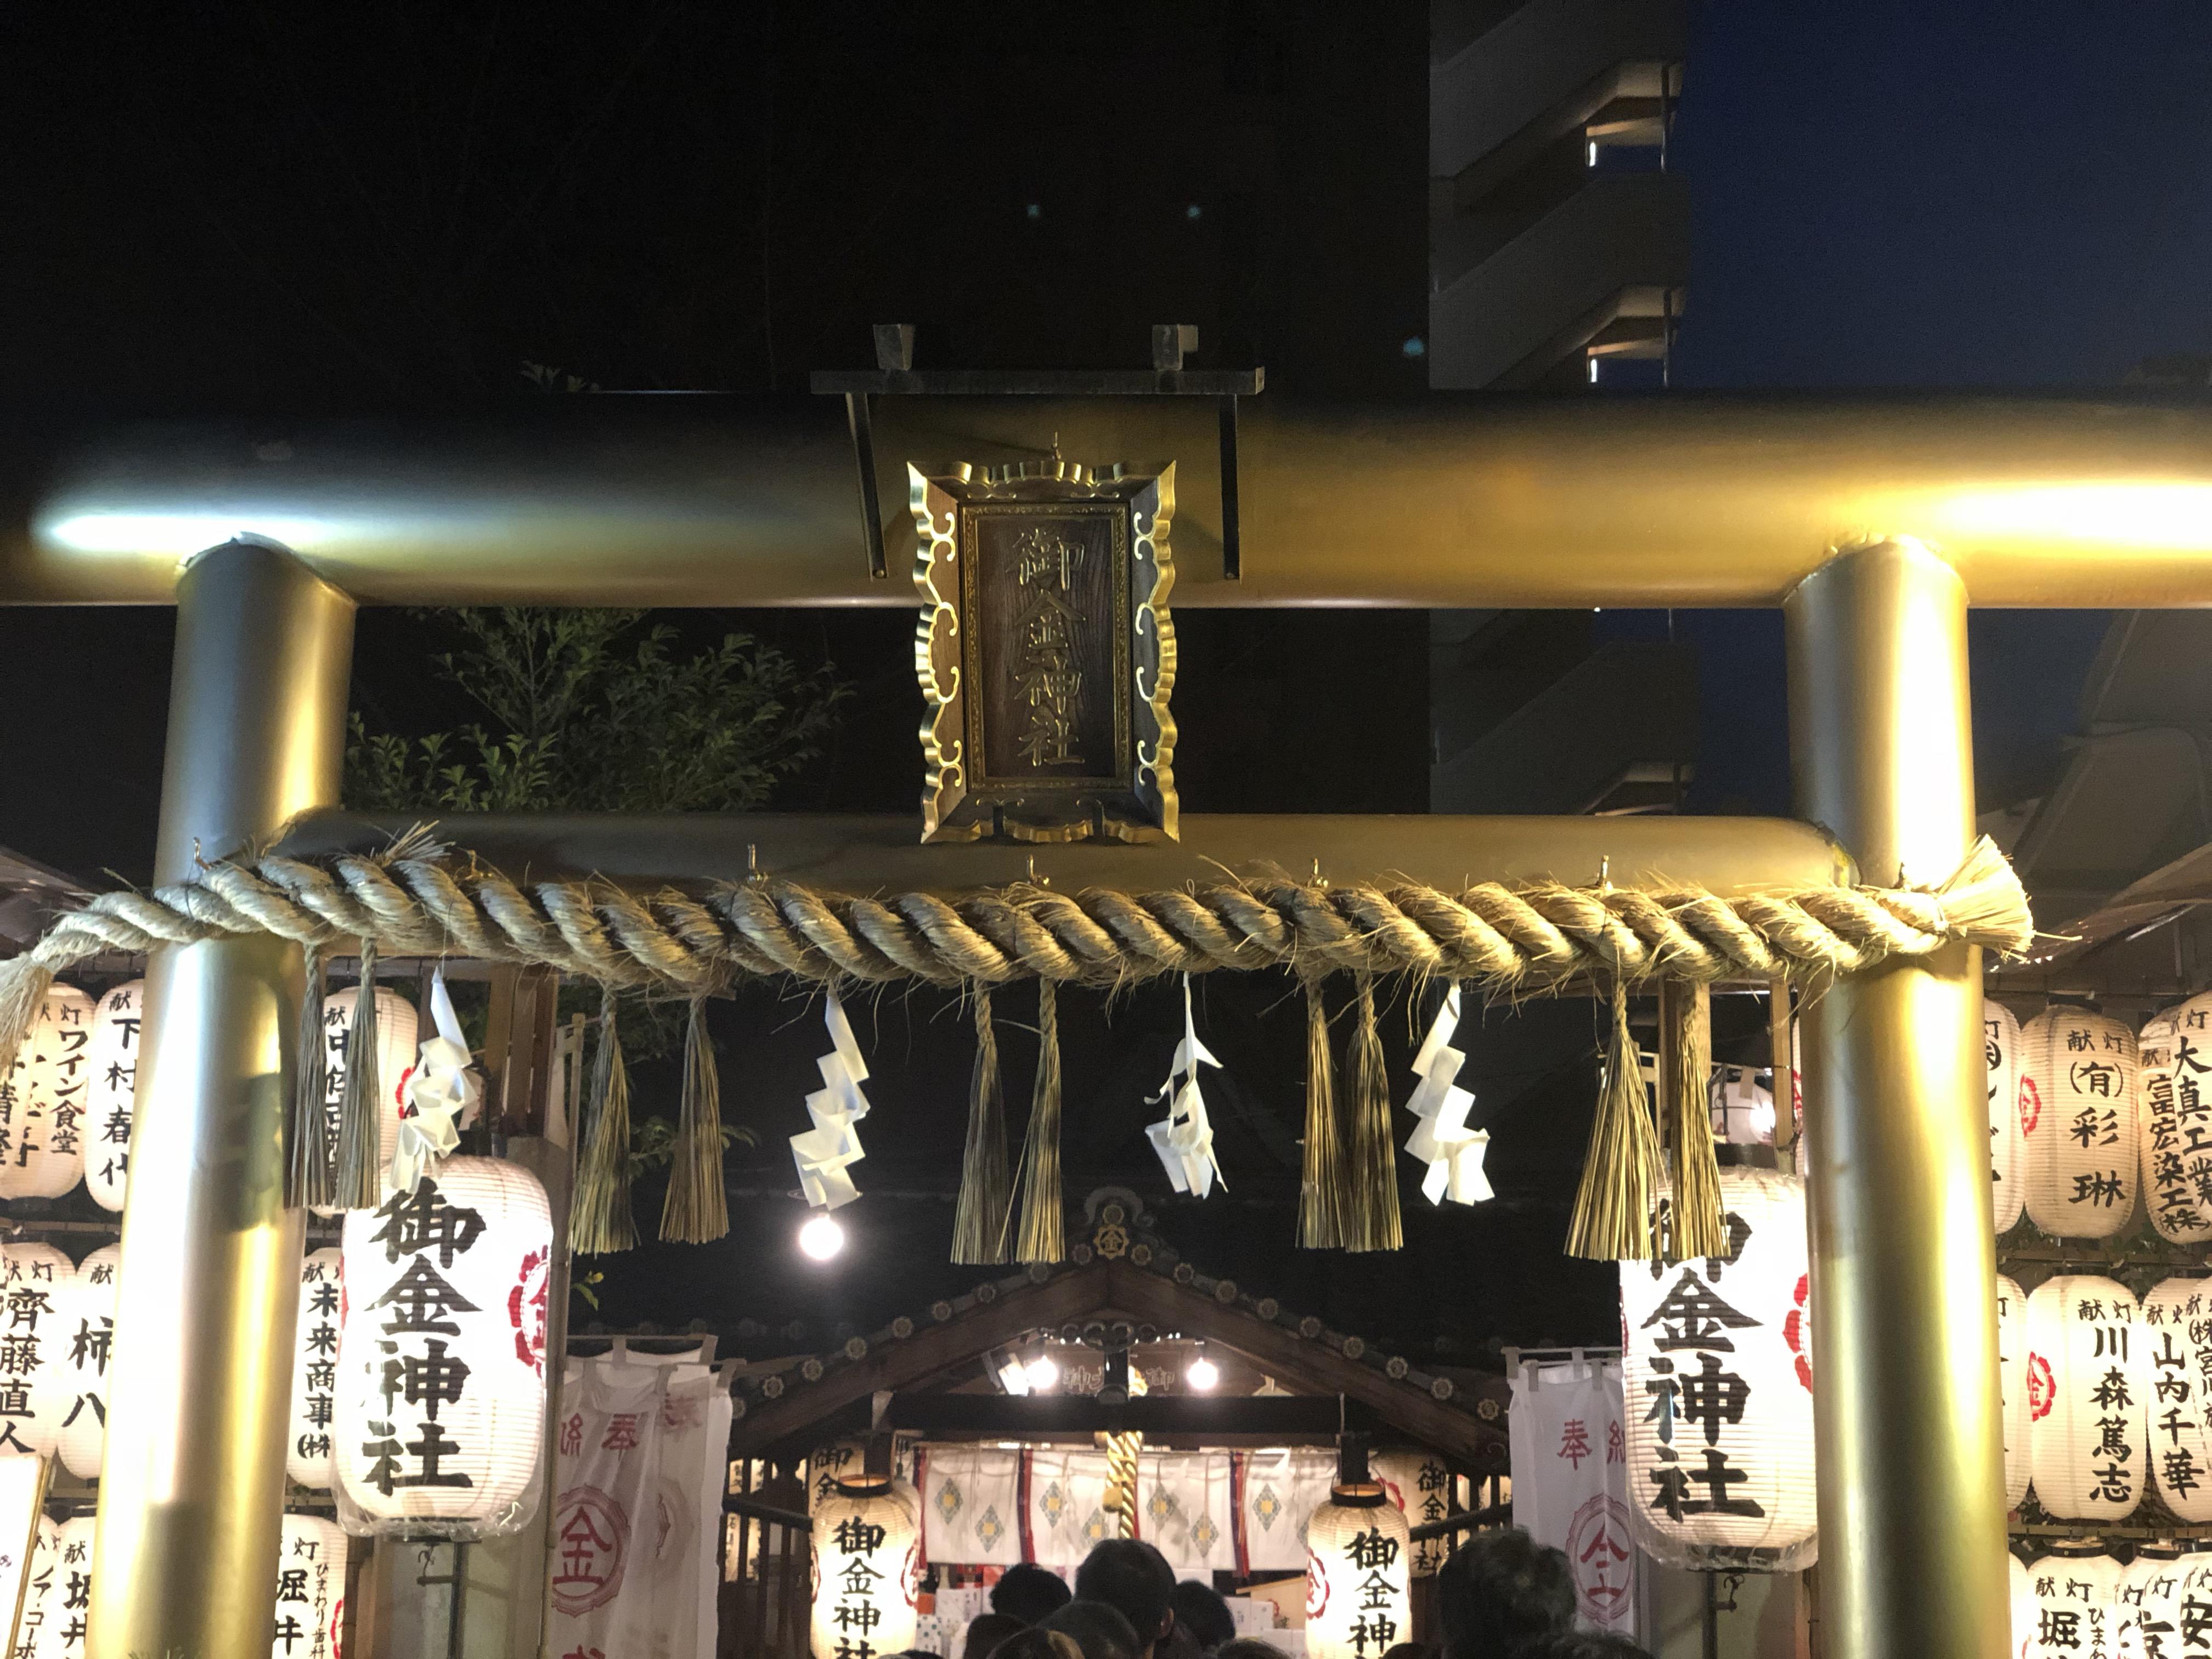 京都にある金運アップのパワースポット「御金神社」が想像以上にやばい